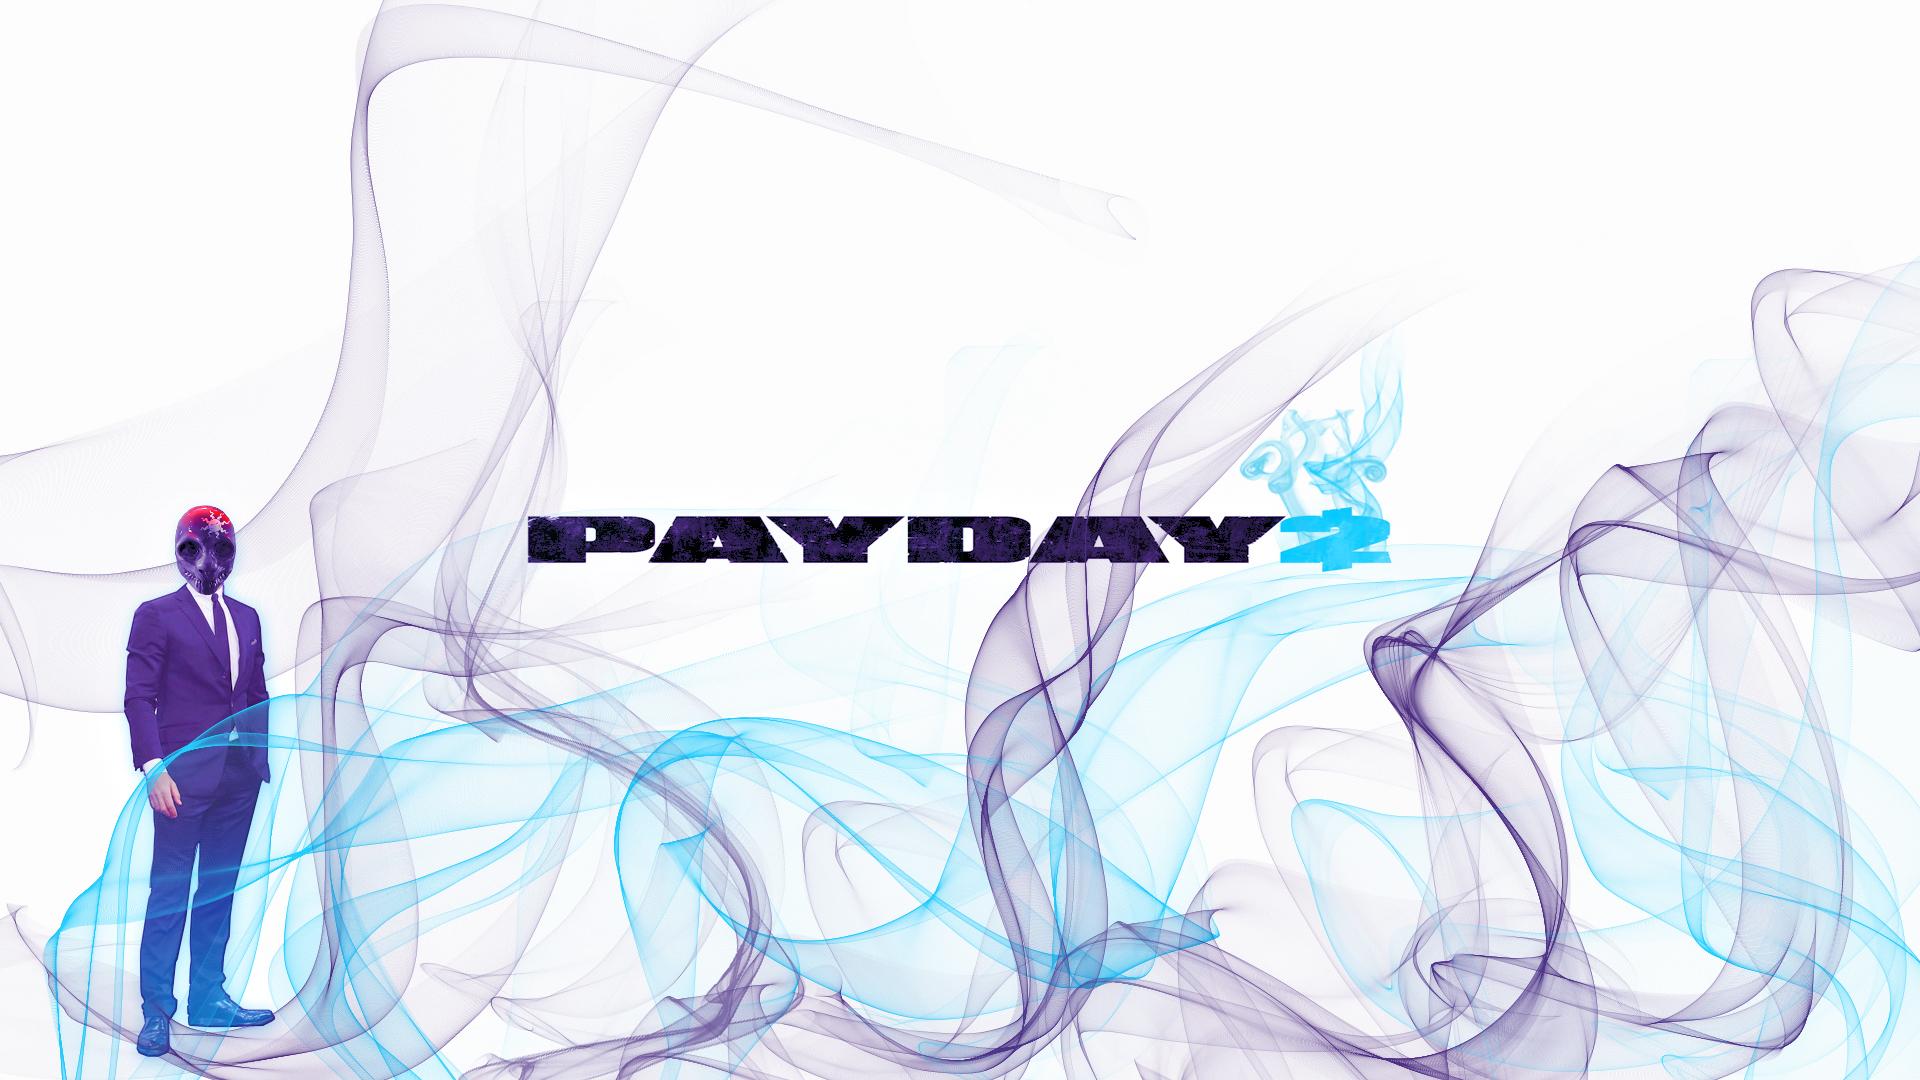 payday-payday-2-payday-maski-6623.jpg - Payday 2